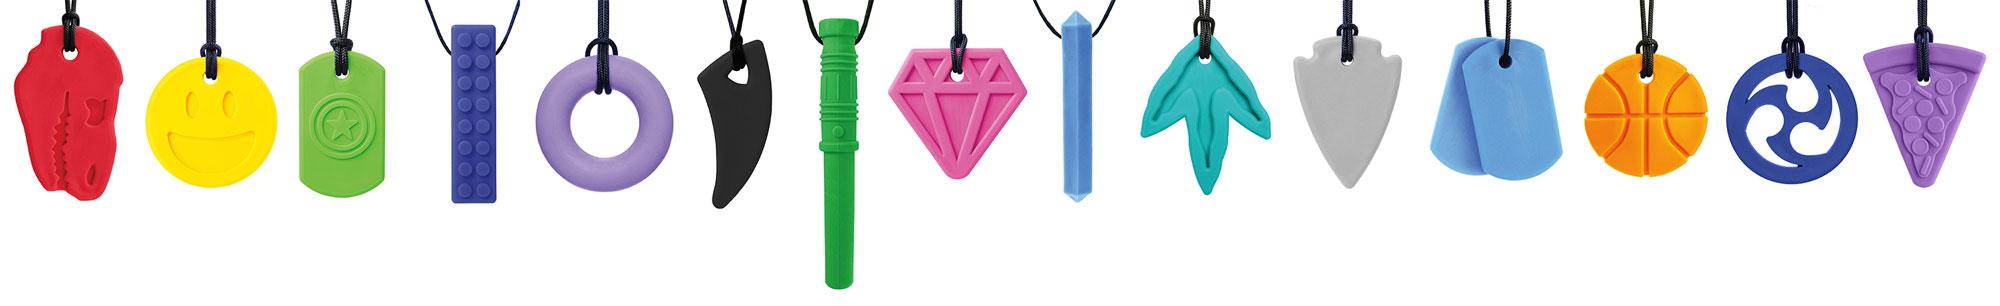 Chewable Necklaces